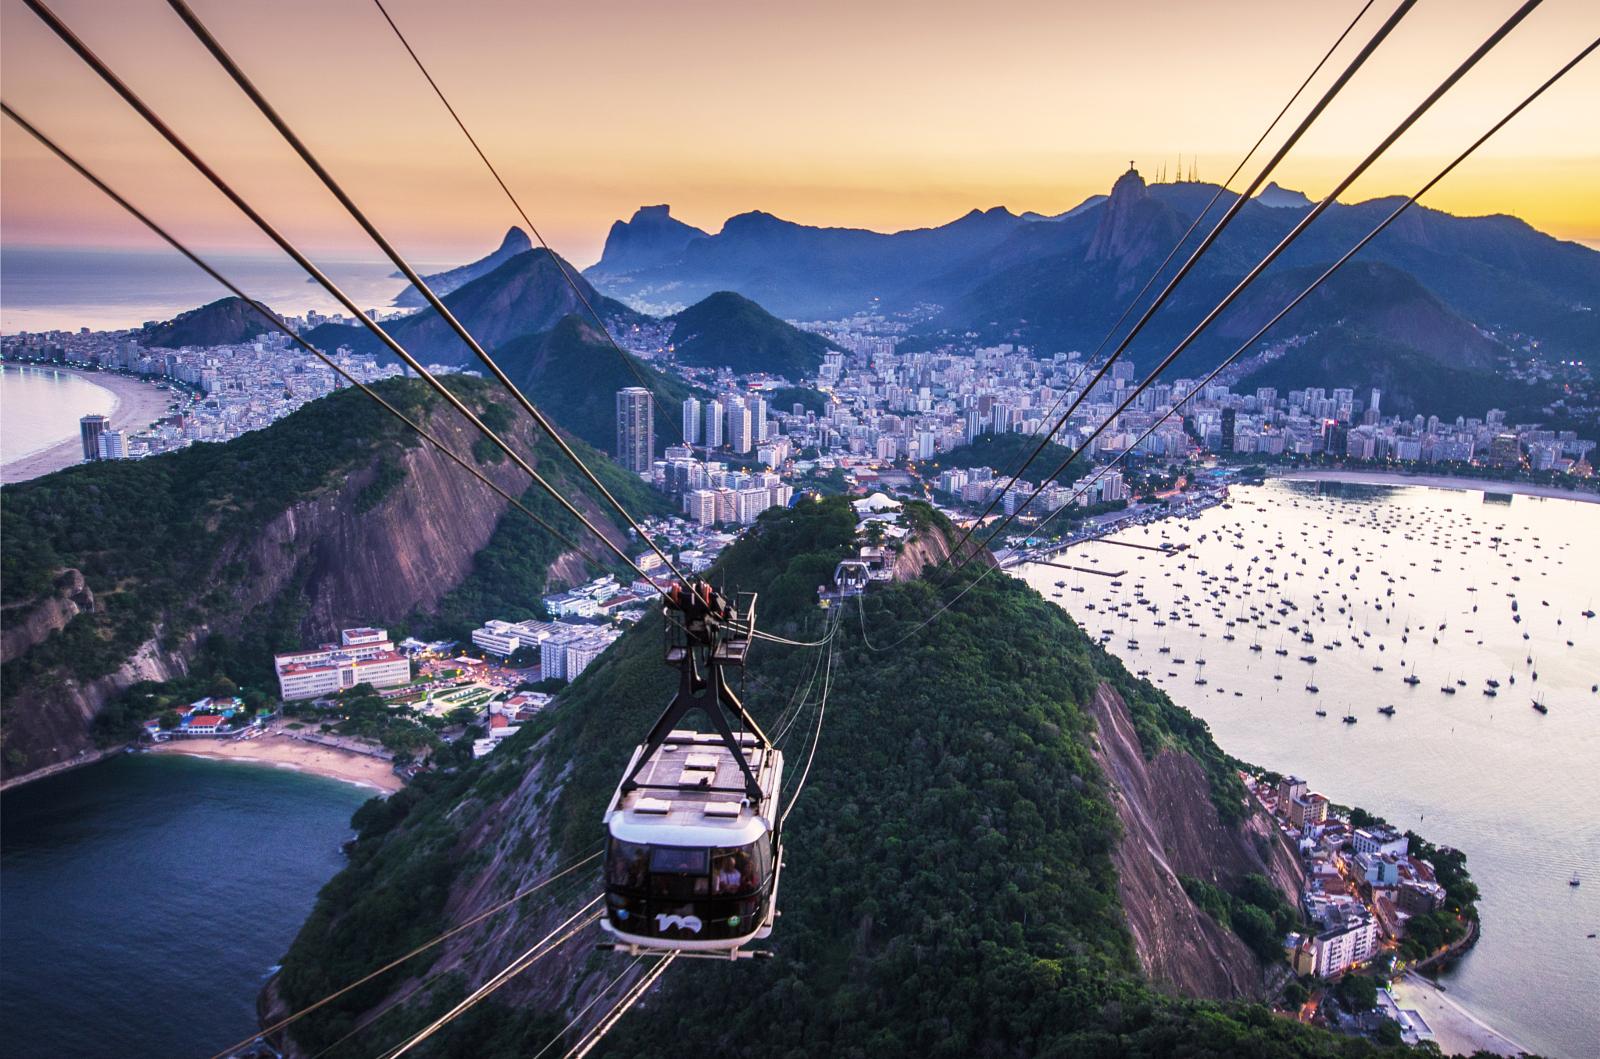 Travel to Rio de Janeiro in These 15 Photos